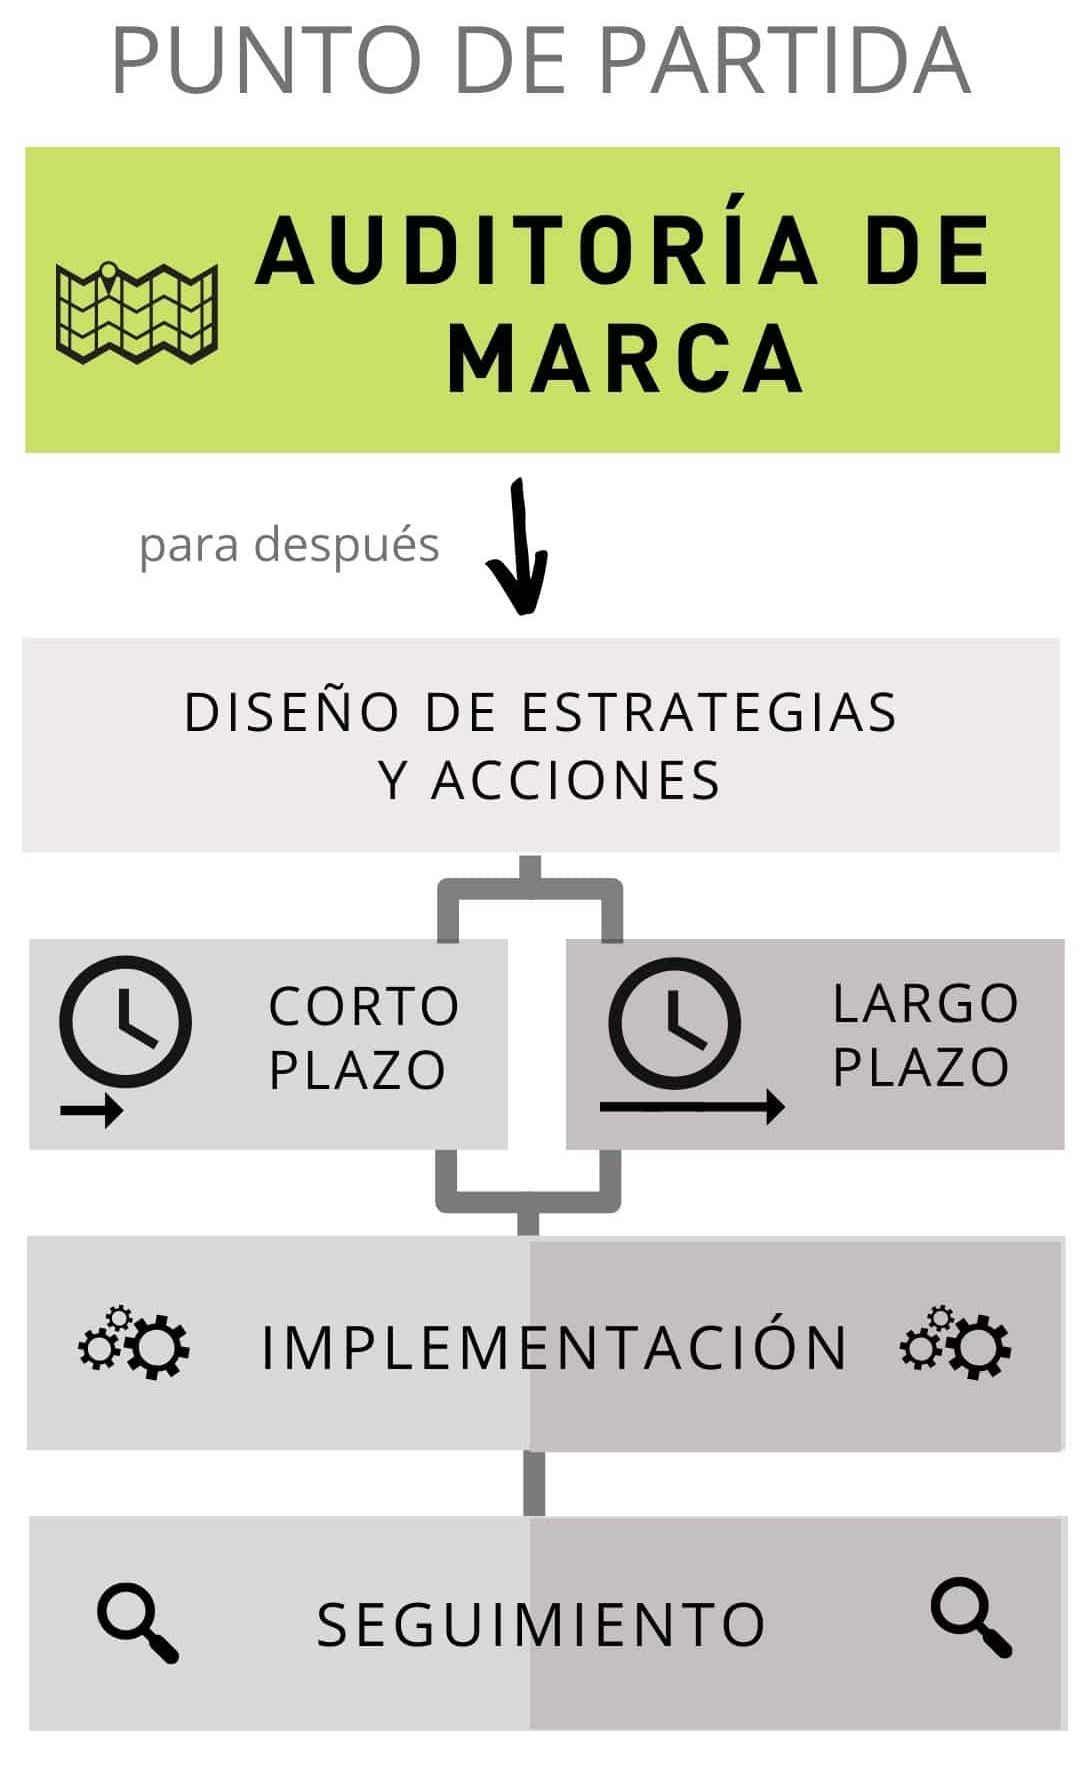 Infografía auditoría de marca